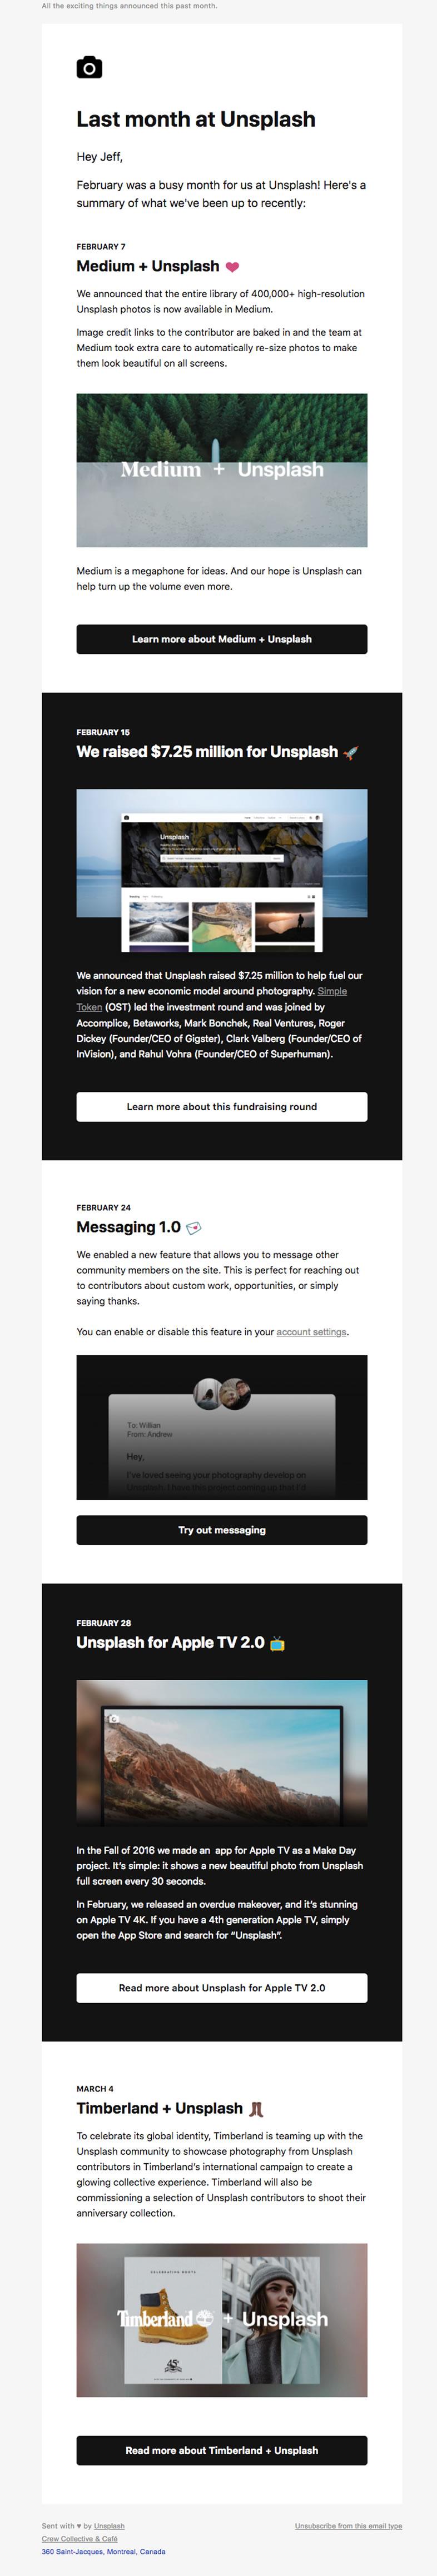 newsletter Unsplash